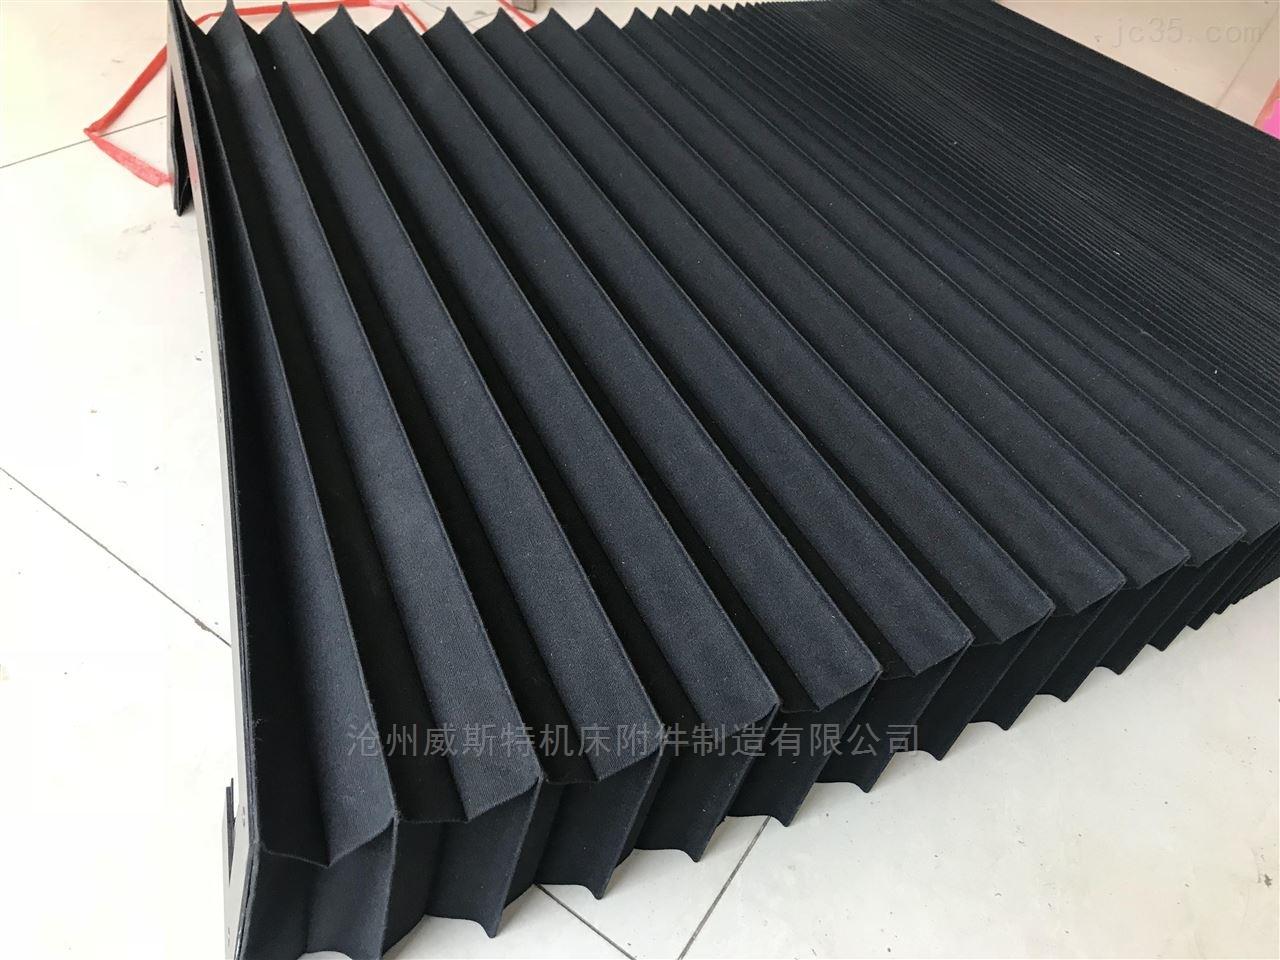 缝制阻燃风琴式防护罩